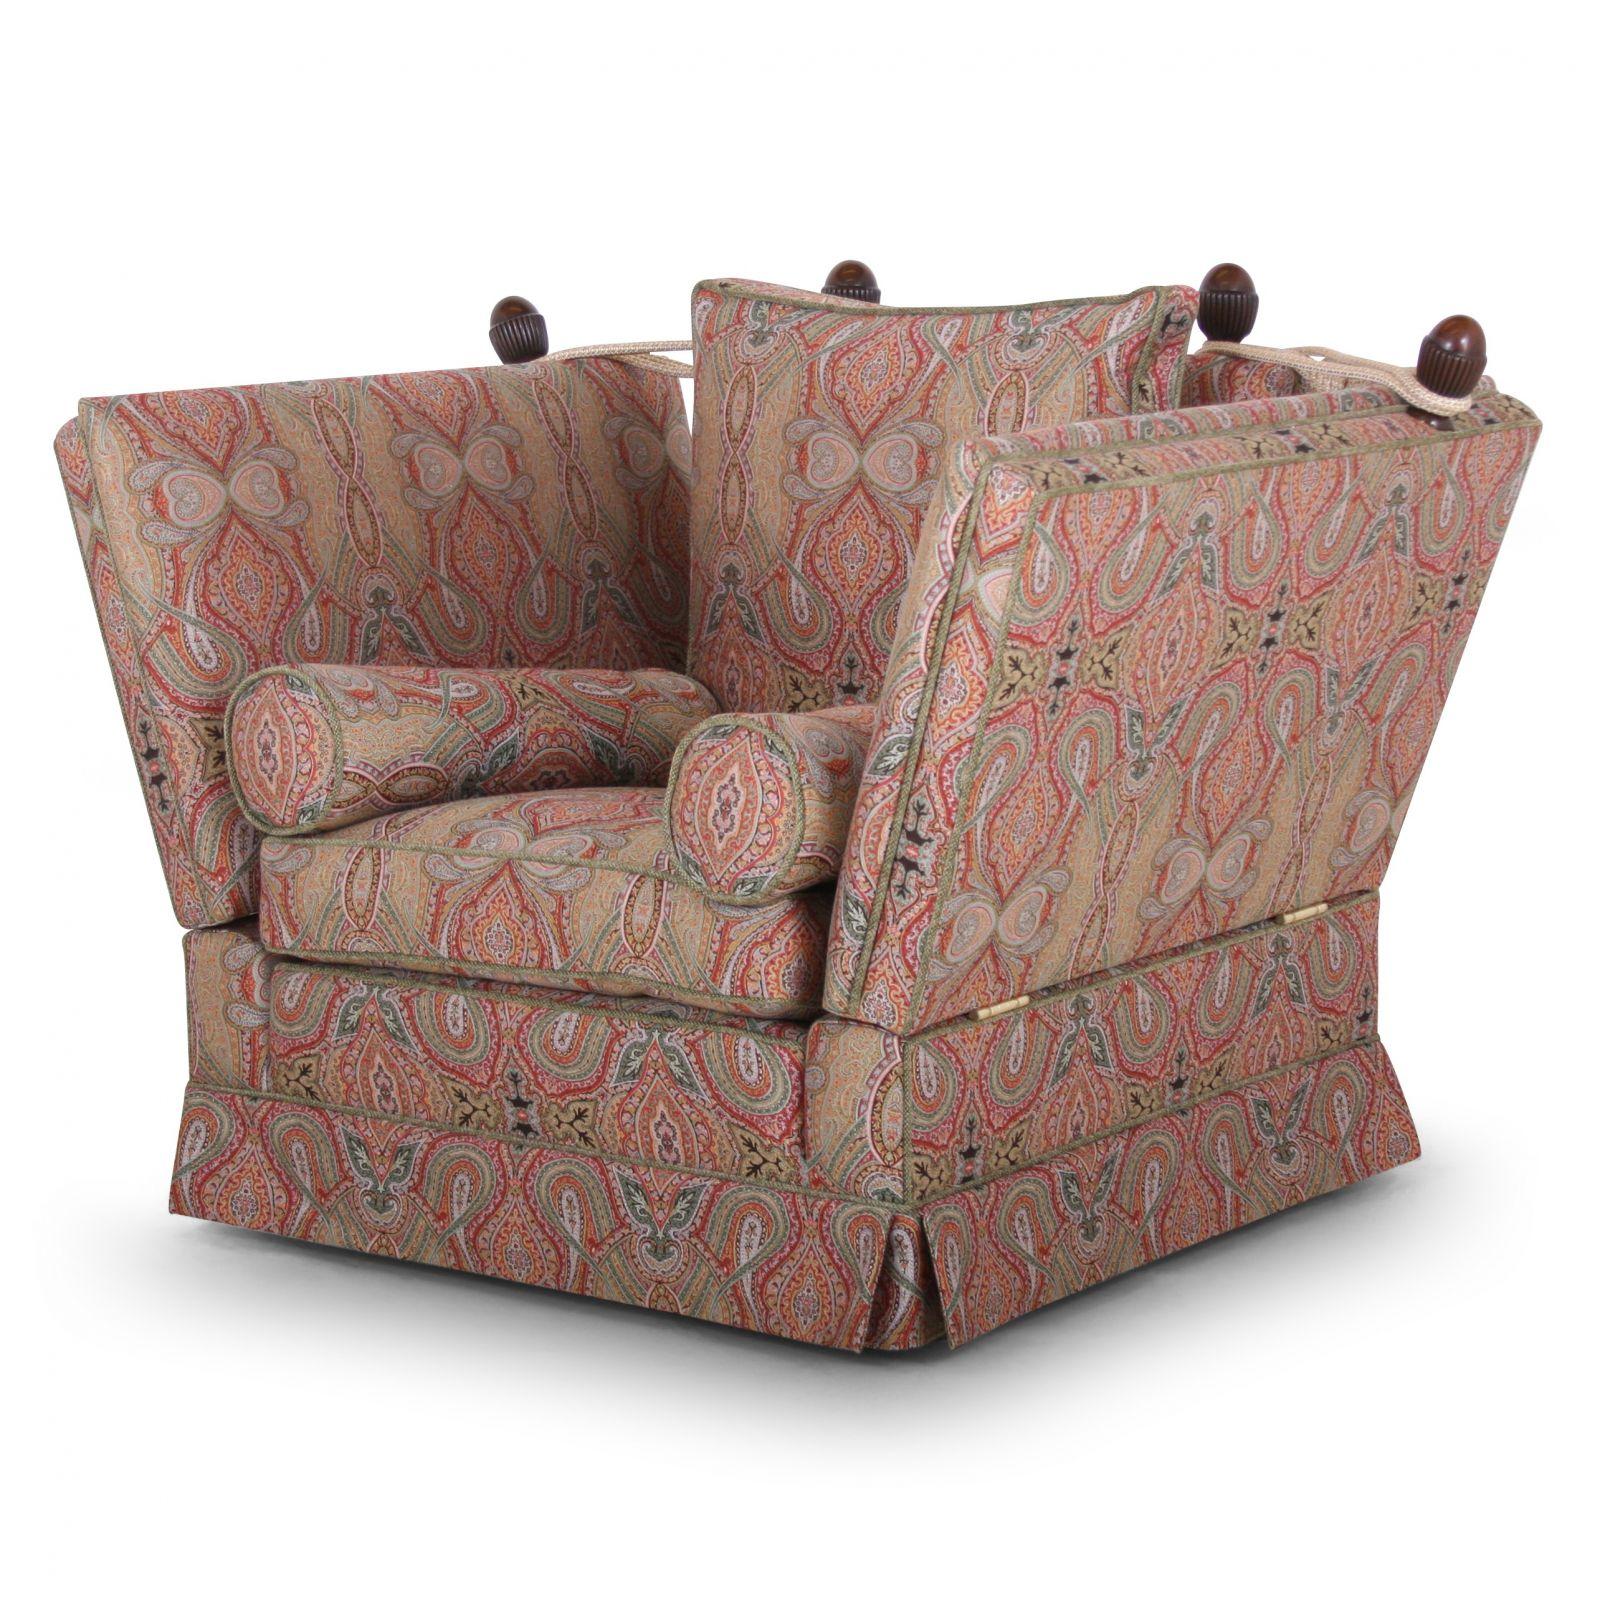 Tudor Knole chair in Zarina Bohemian Green